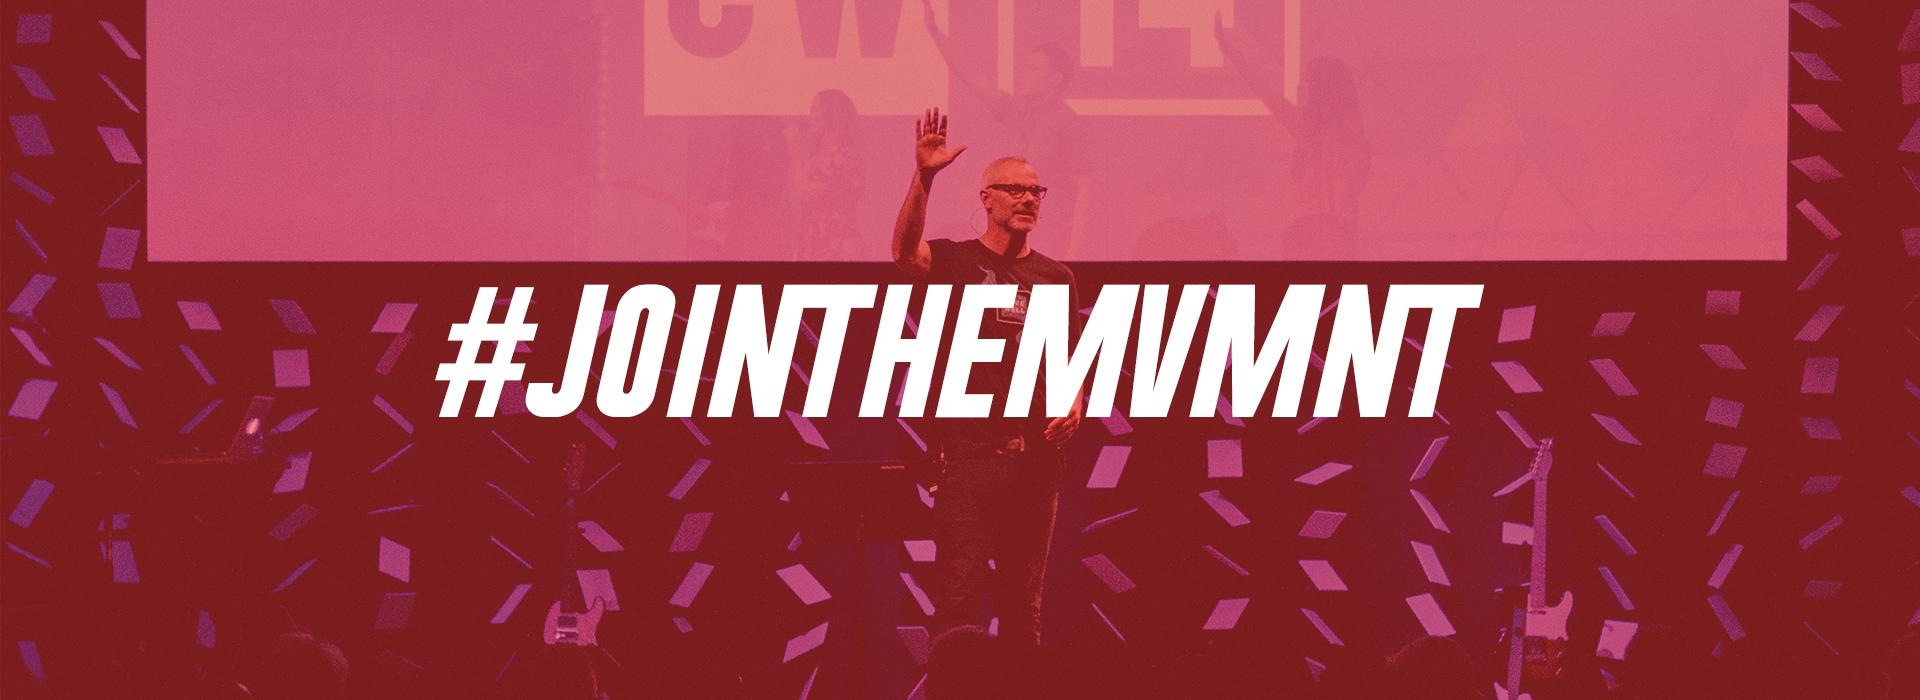 #MVMNT 1.jpg